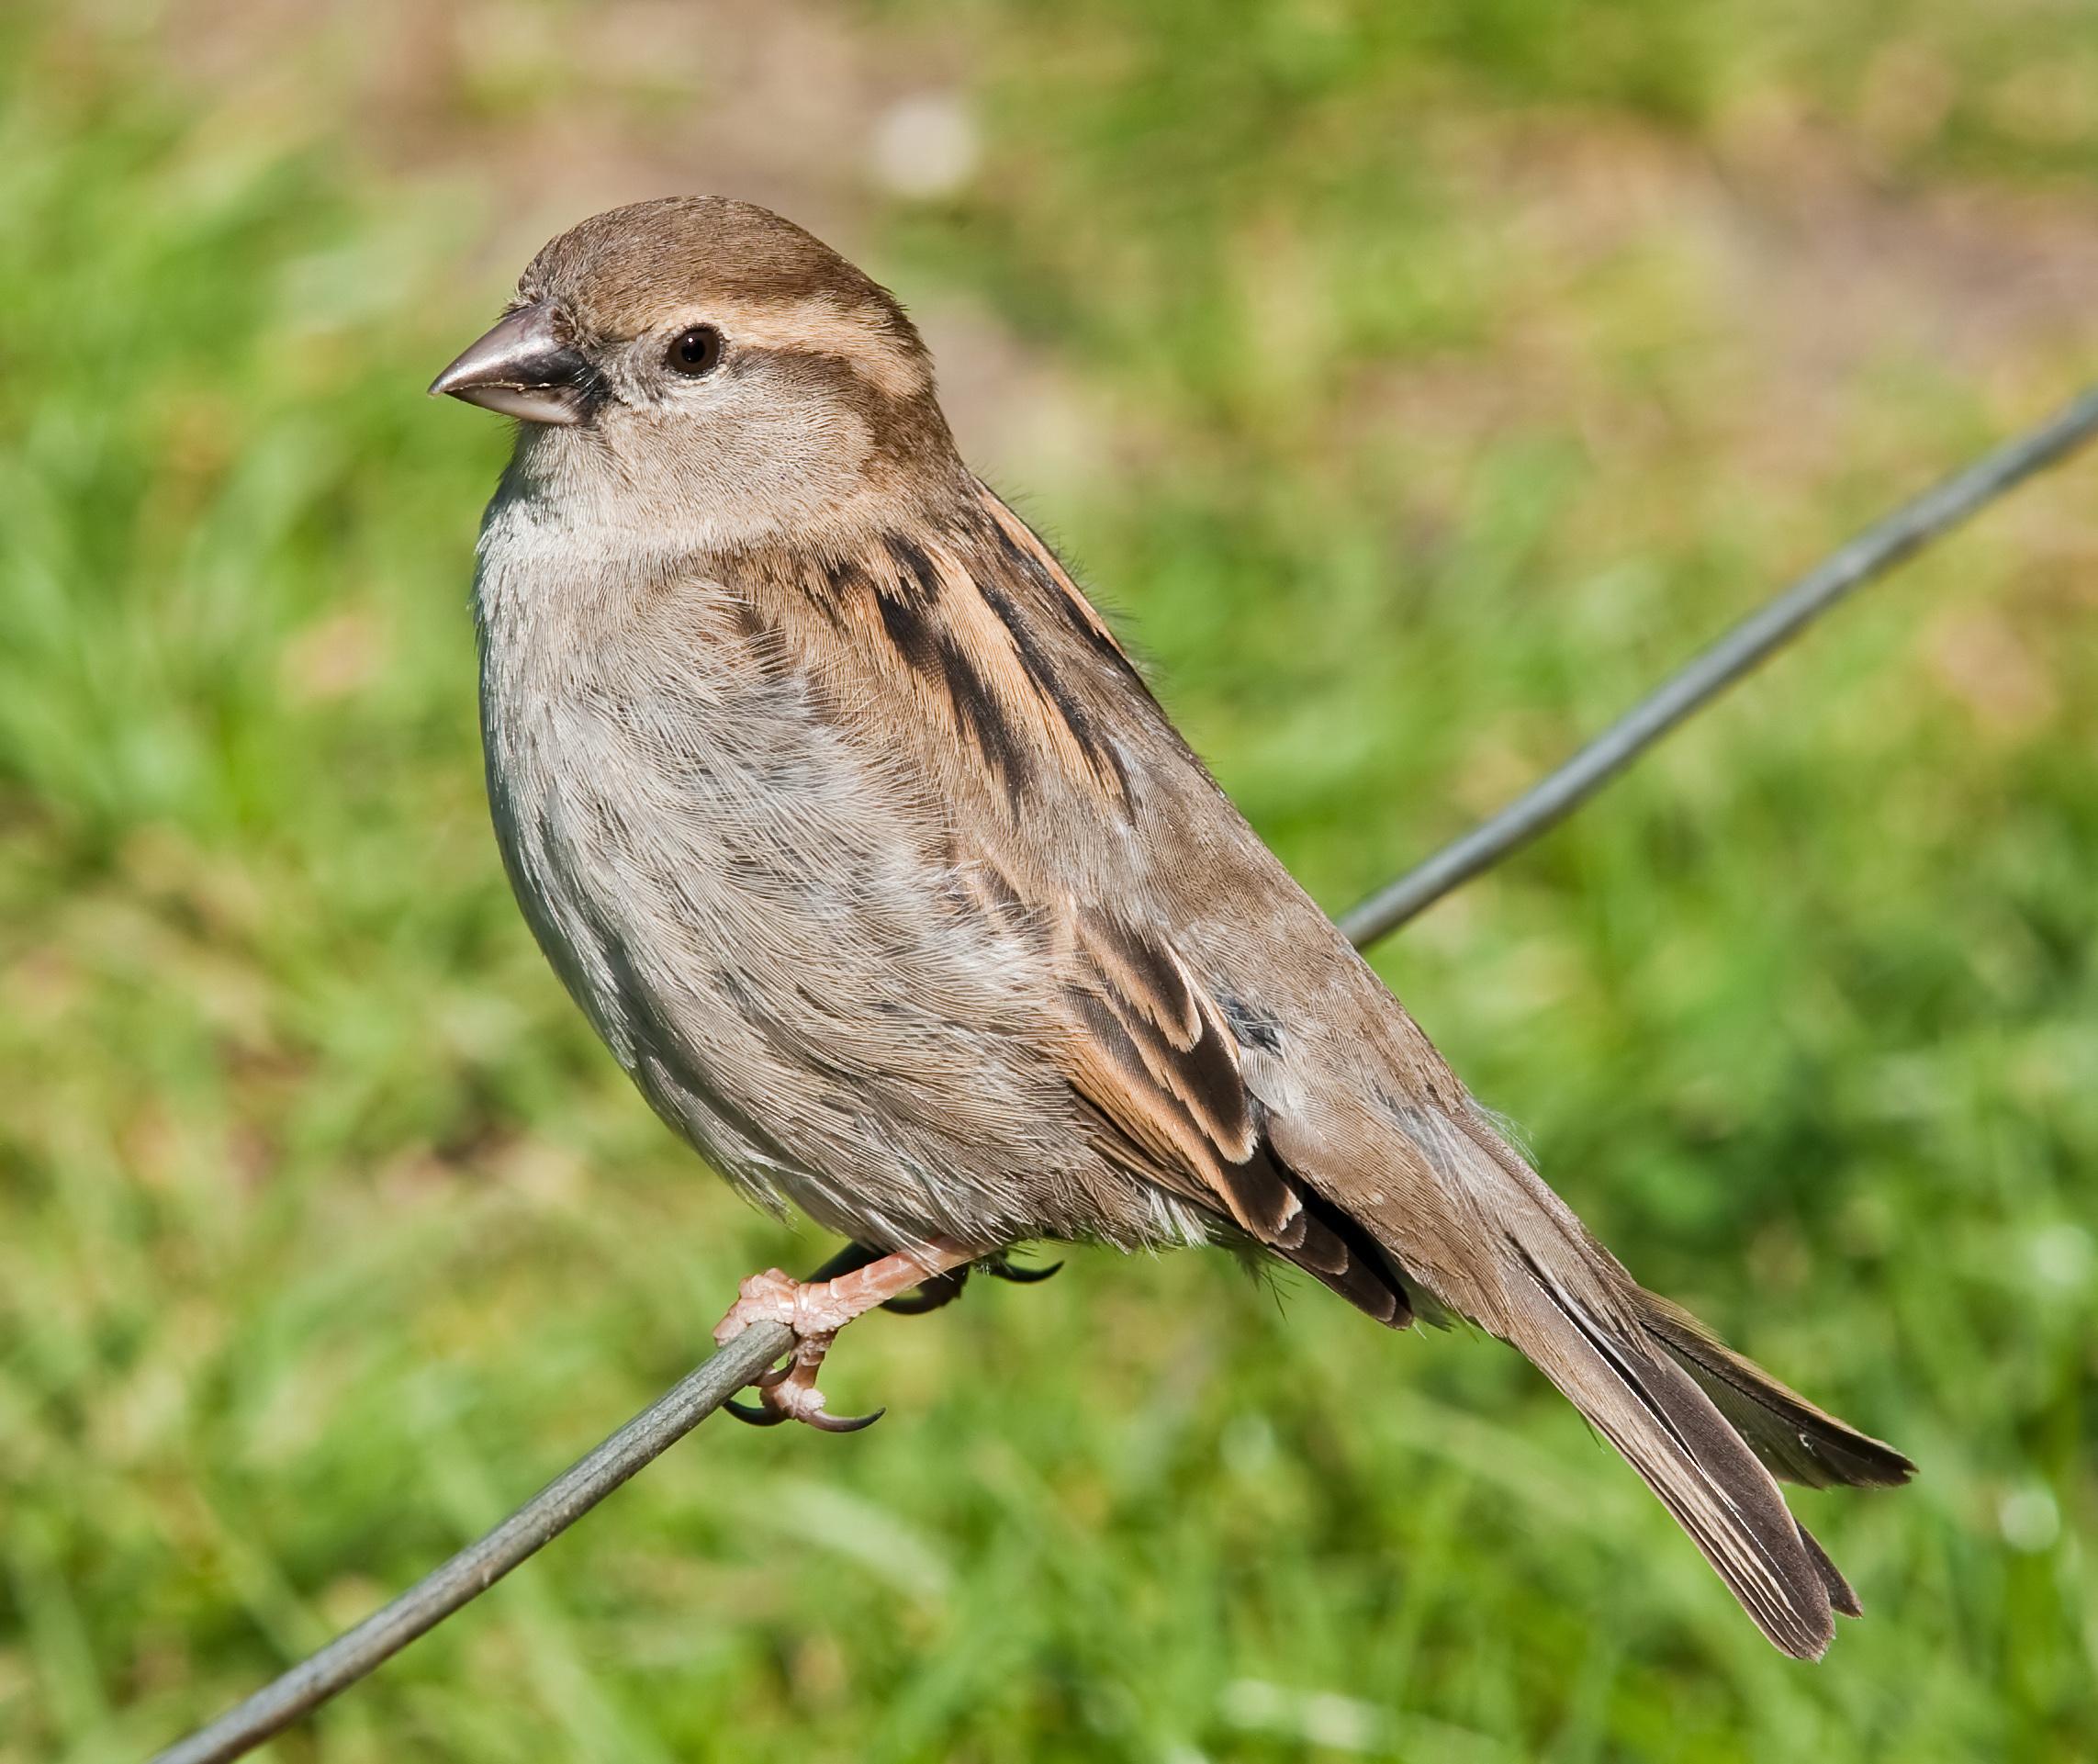 Sparrow Lifespan House Sparrow House Sparrow England May